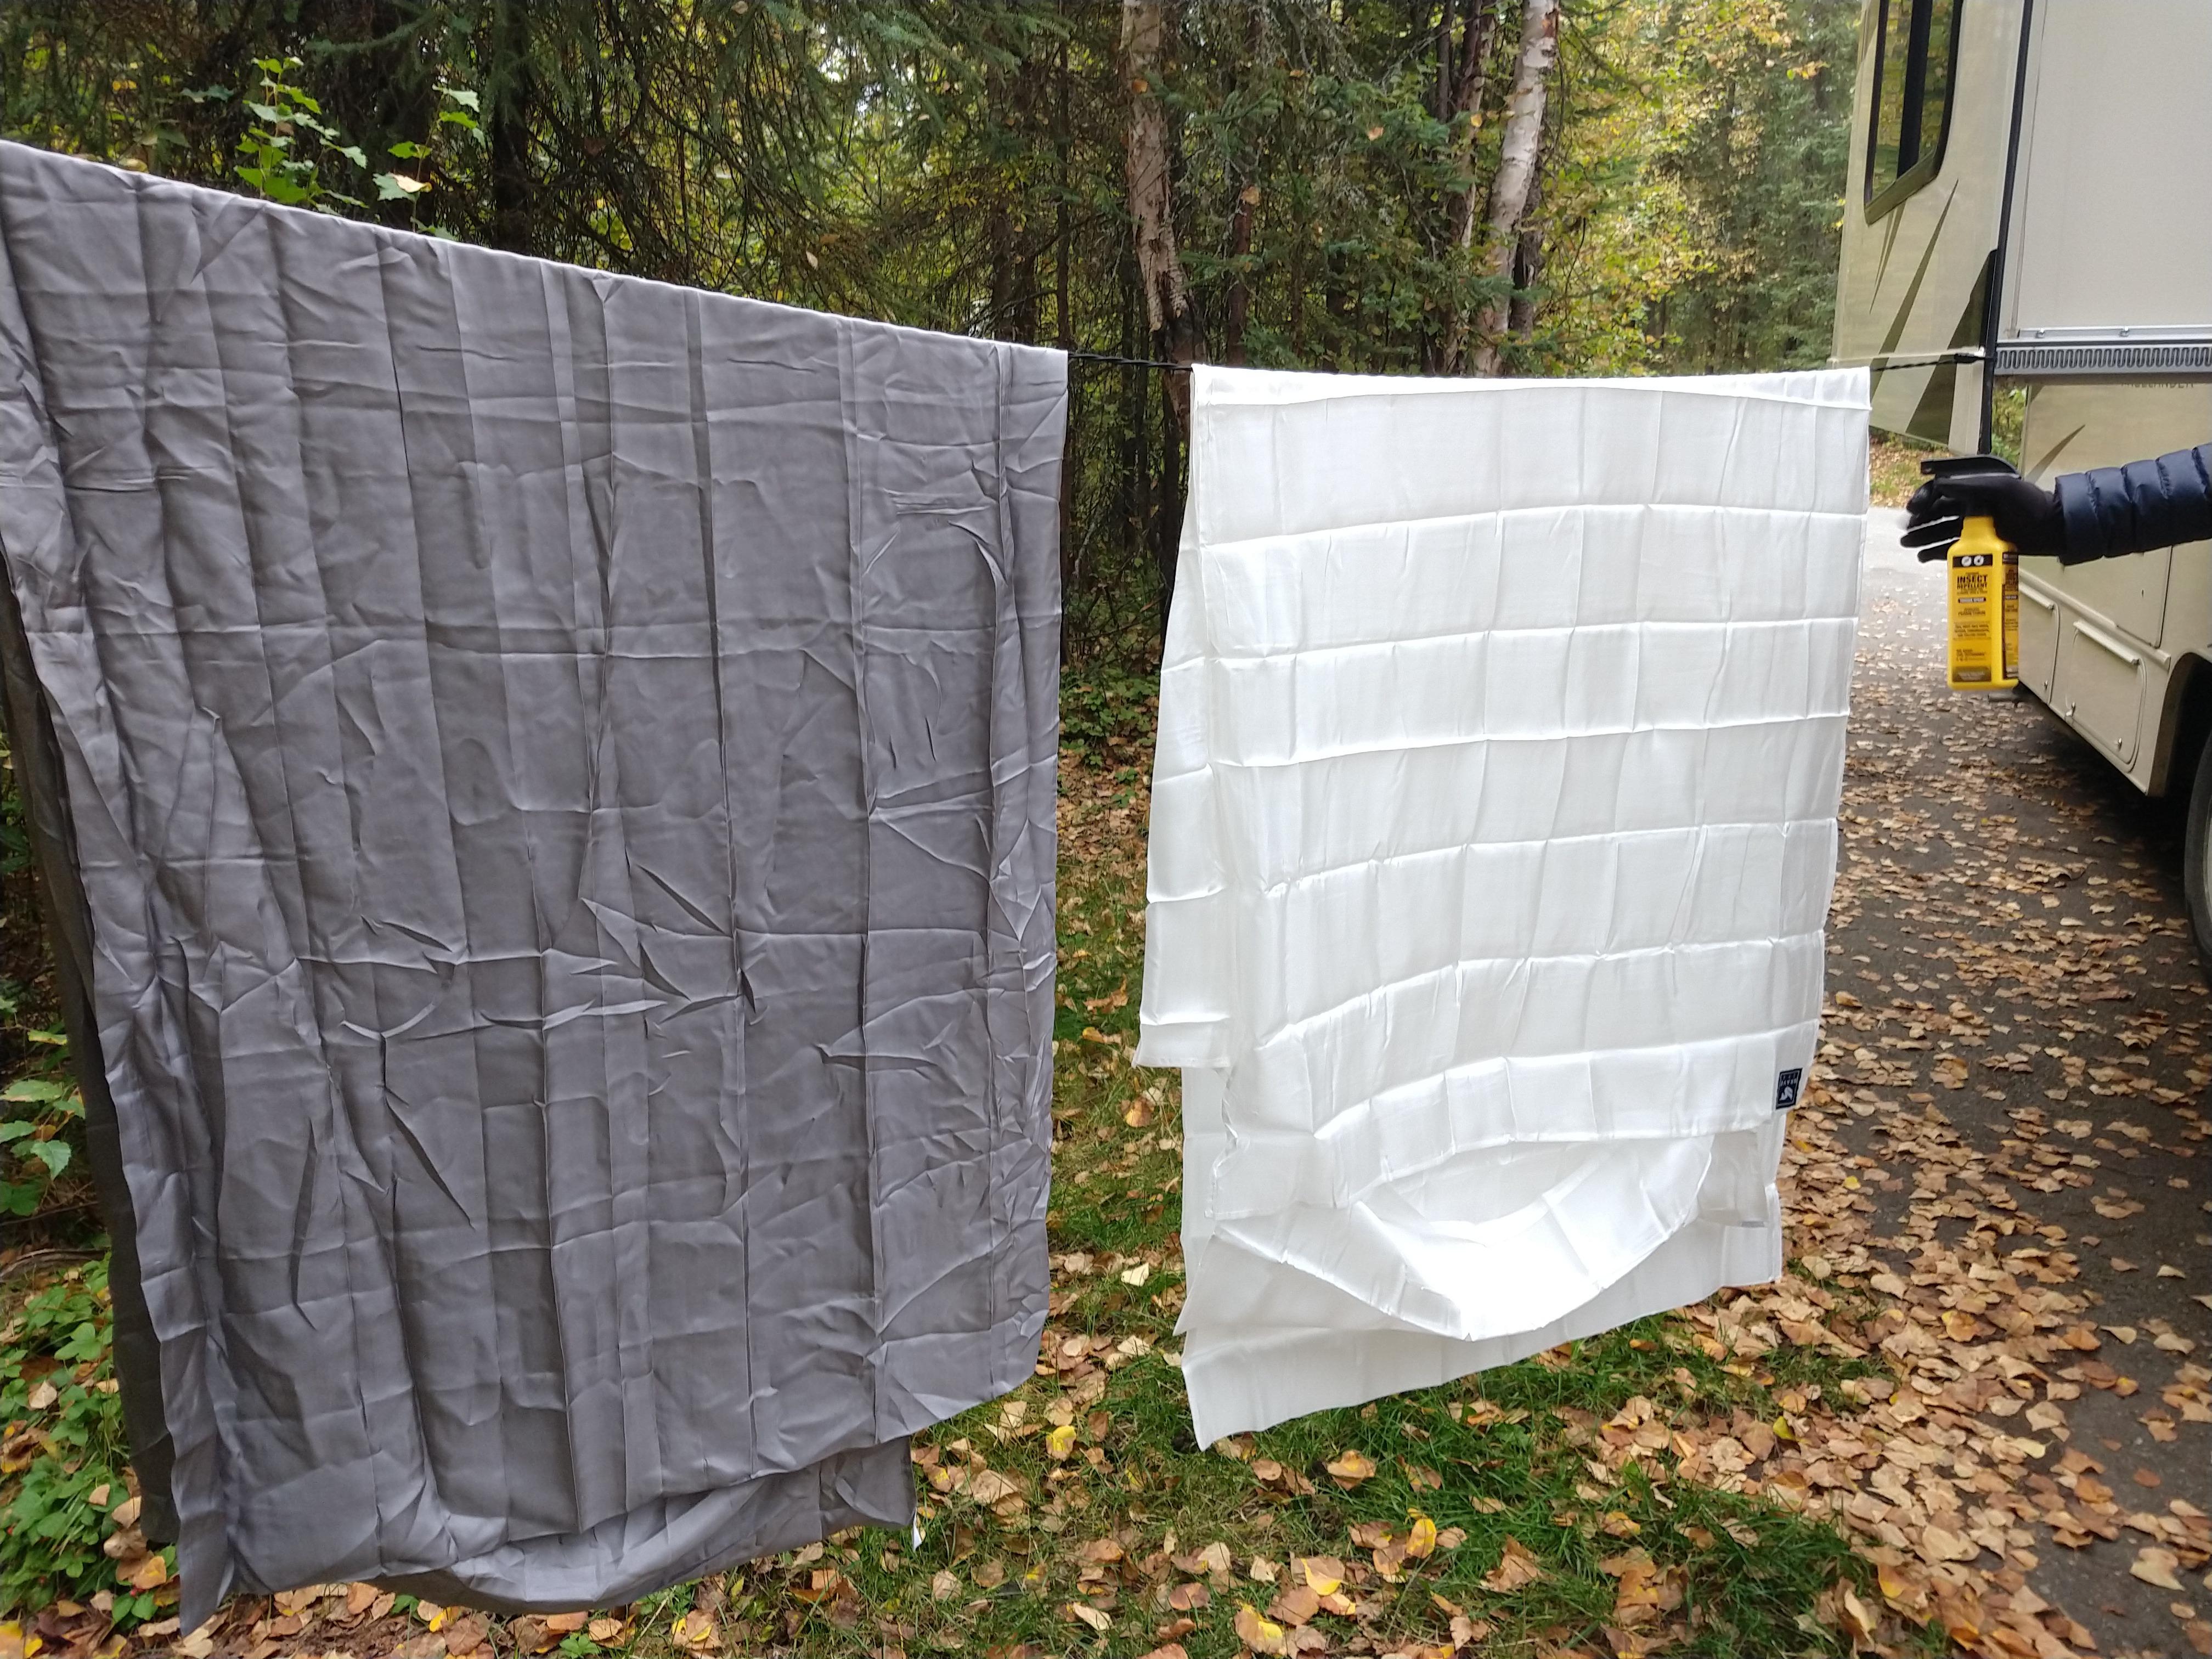 Traitement anti-moustique des draps Braveera